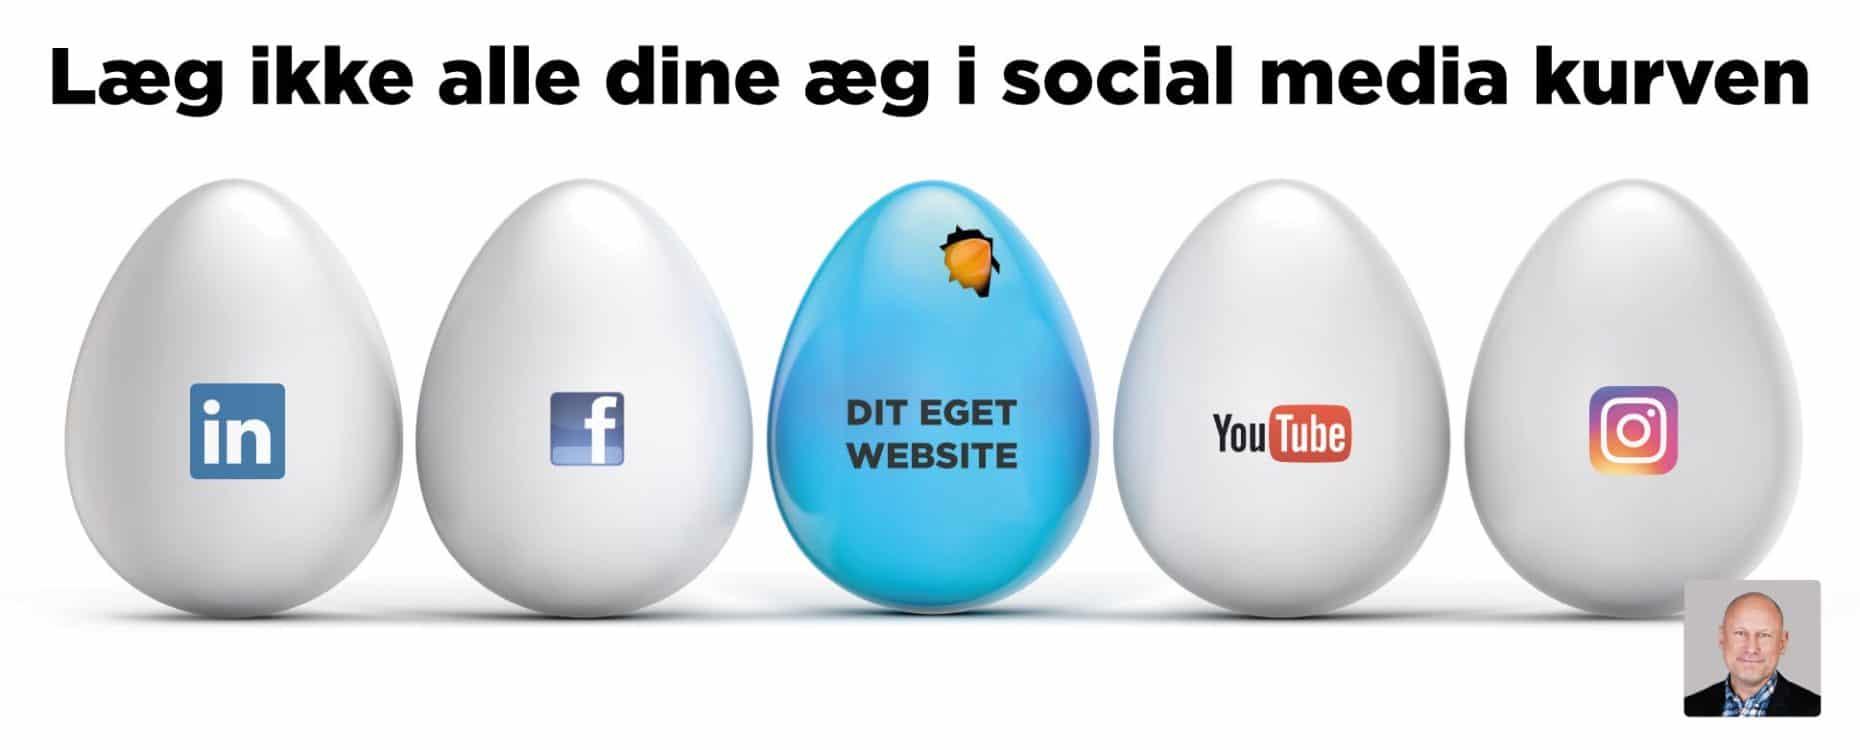 Blogindlæg om betydningen af, at du ikke må lægge alle dine æg i social media kurven